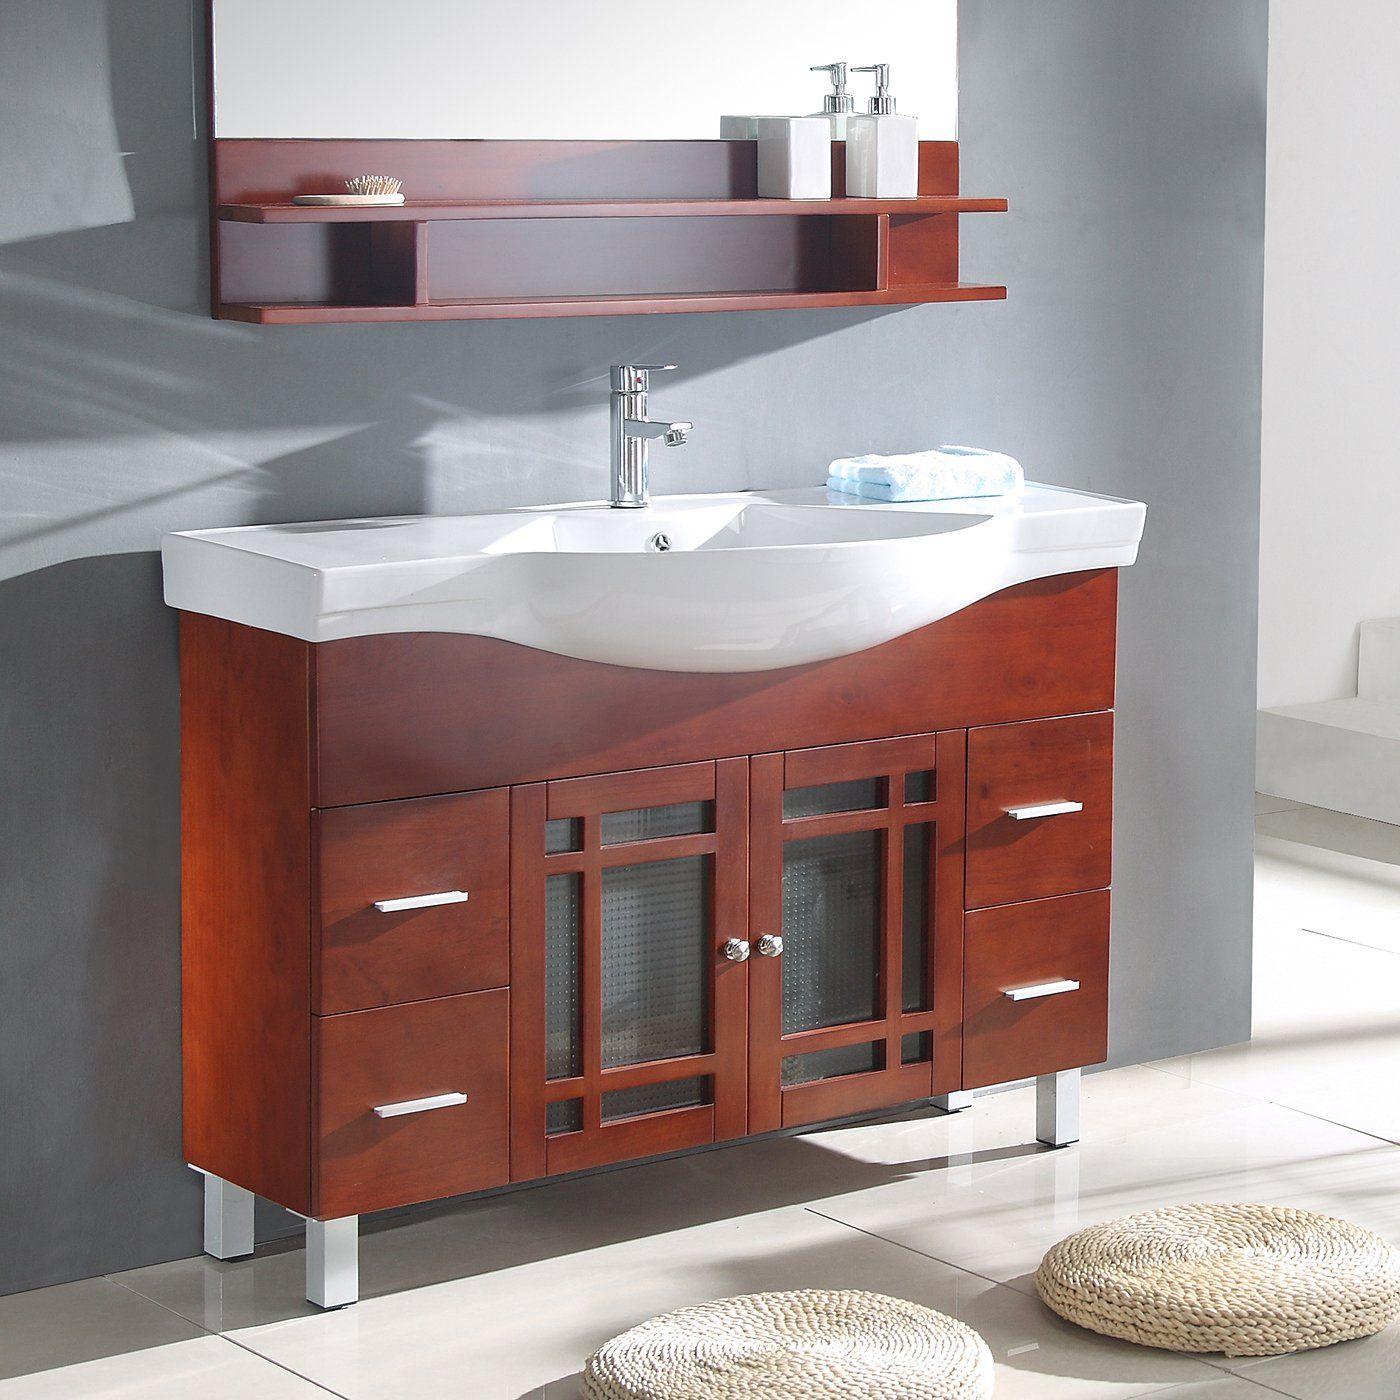 Narrow Depth Bathroom Vanity Pcd Homes Bathroom Vanities For